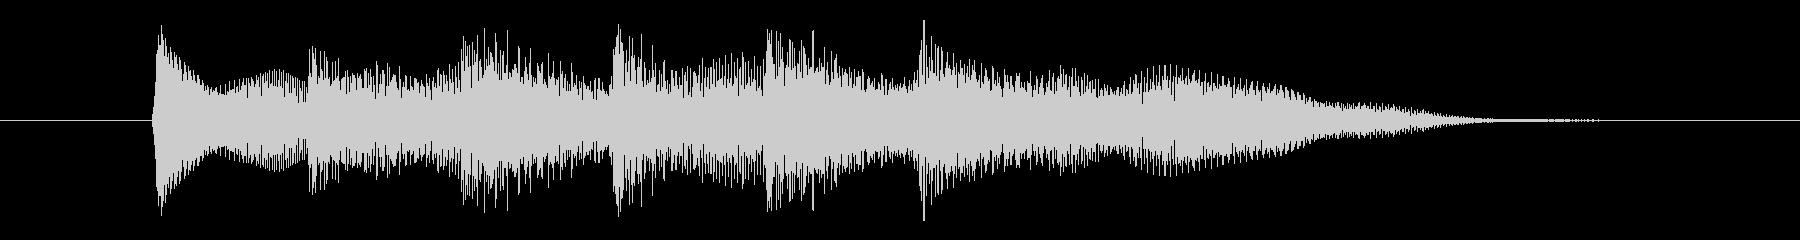 正解の音,ピンポンピンポン③の未再生の波形